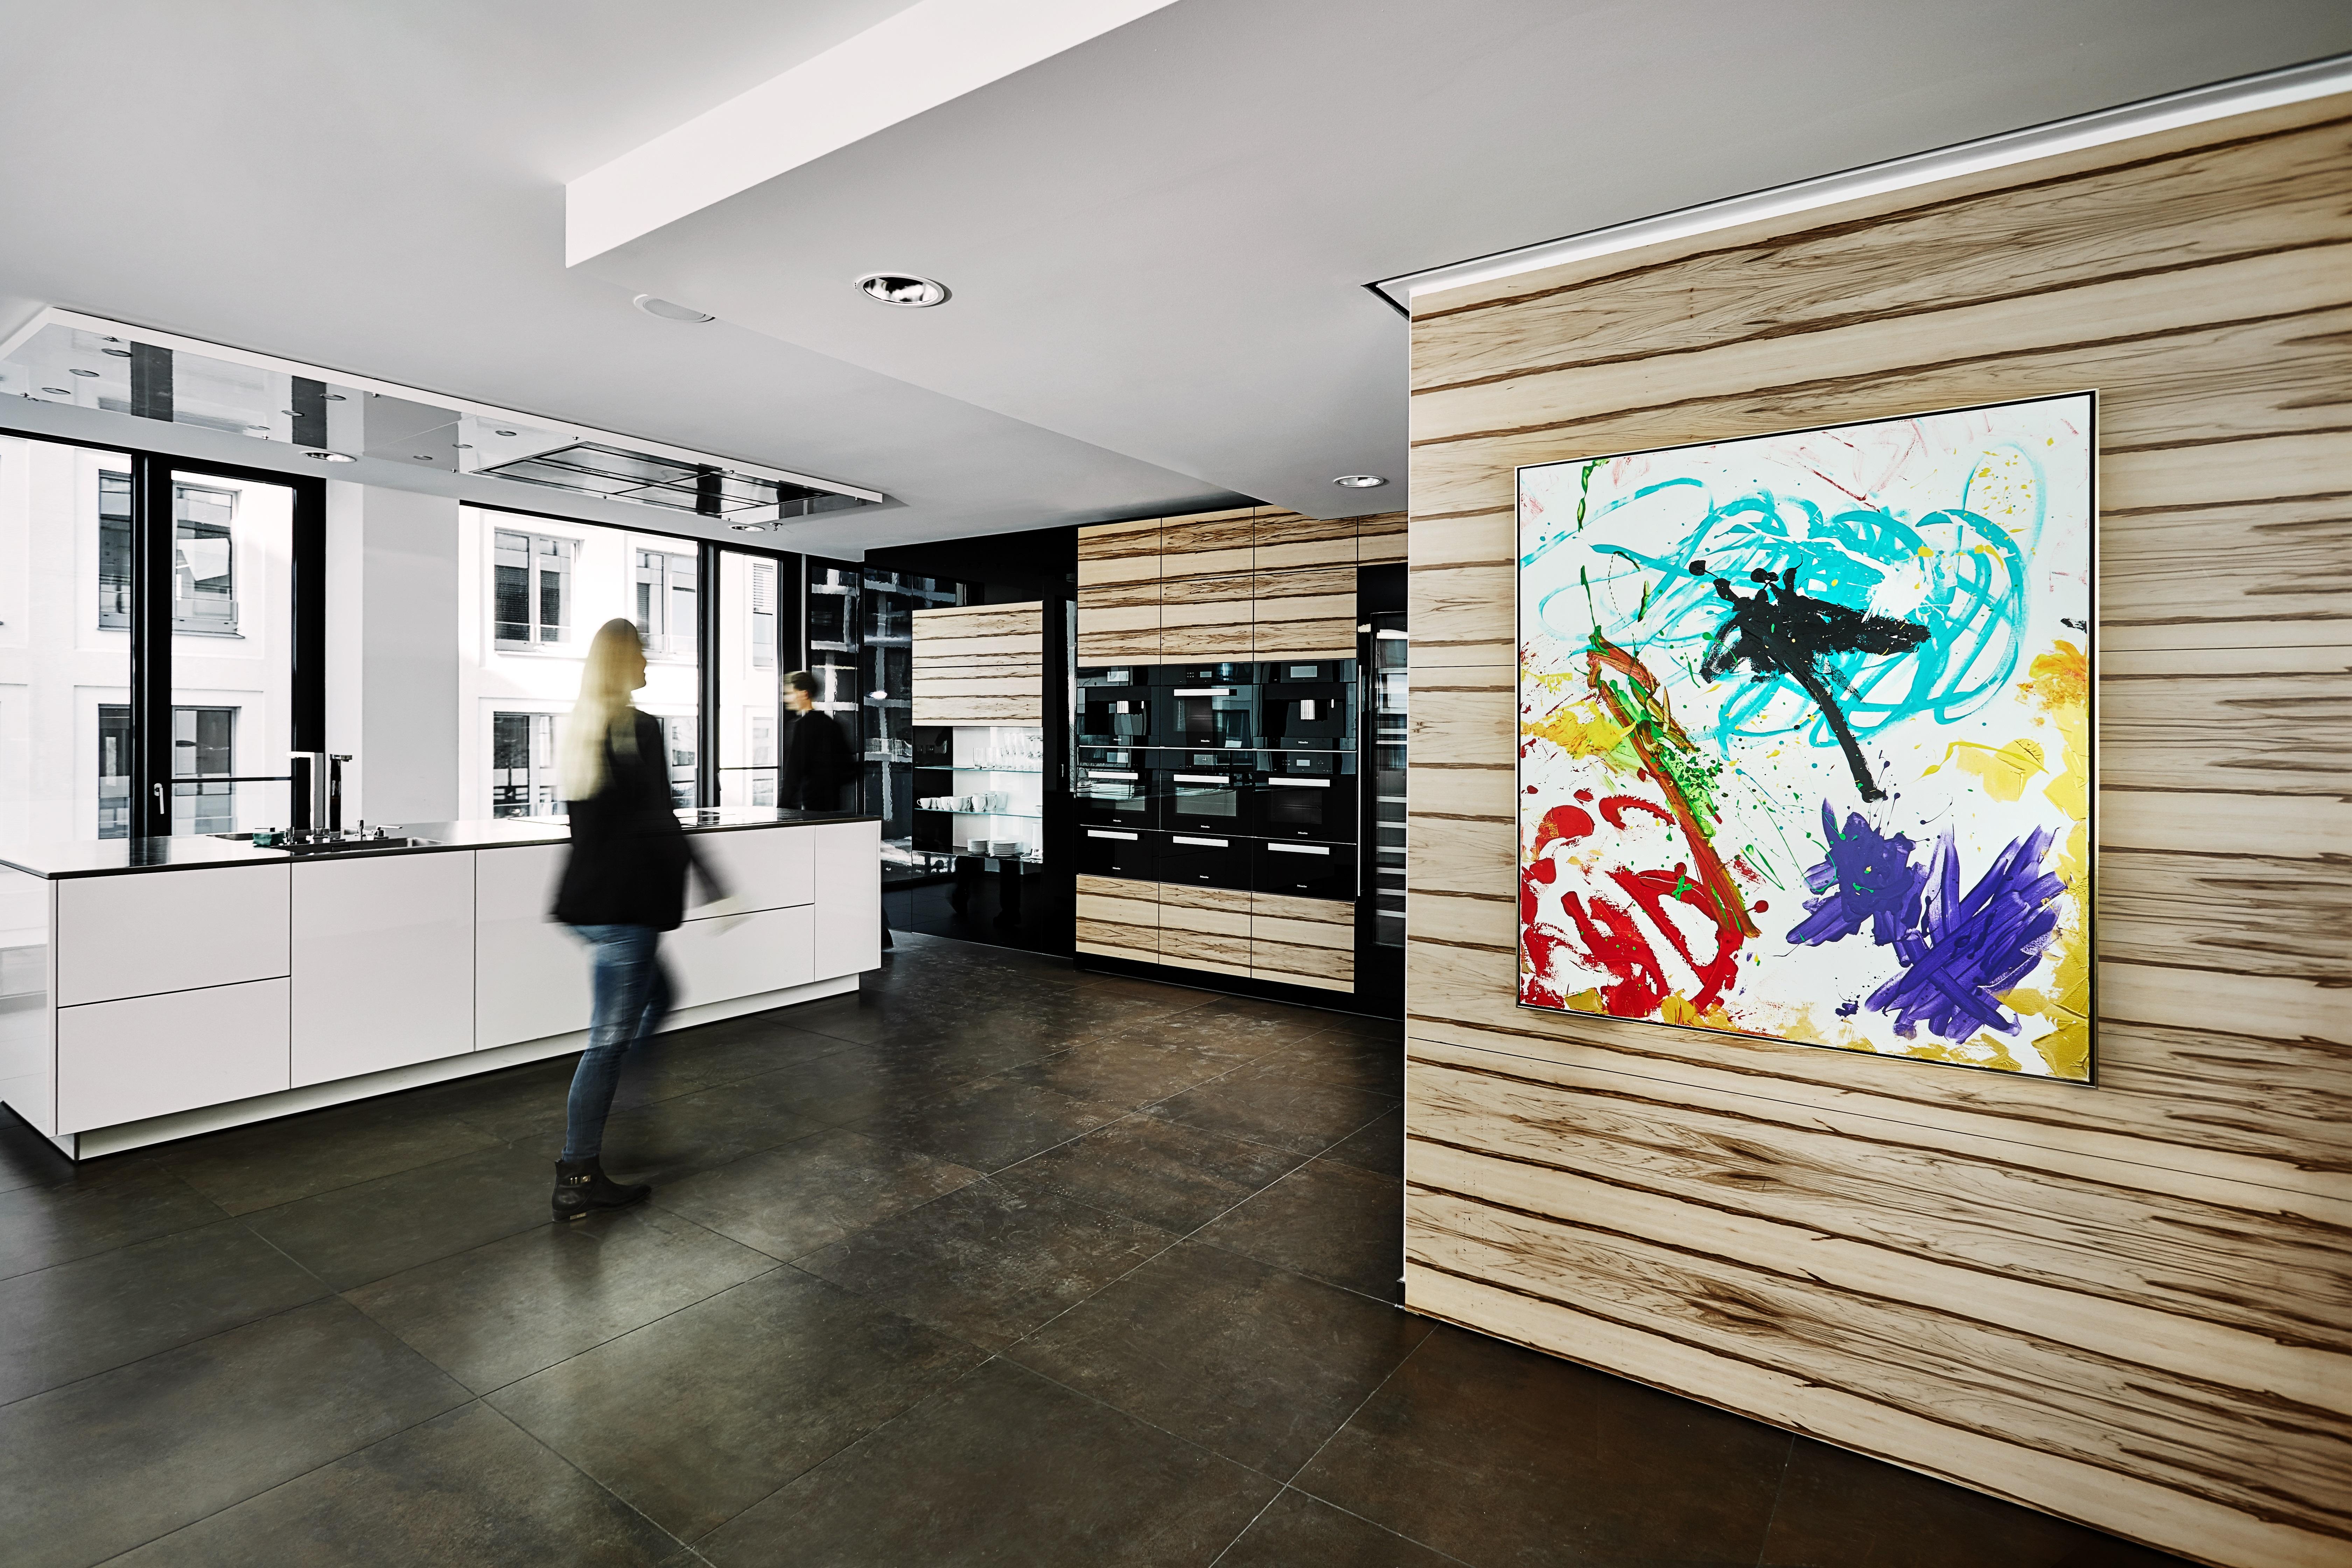 SoulArtist Kunst Design Markendesign Interior Inneneinrichtung Kunstwerk Acrylmalerei Kunst für Bürogebäude